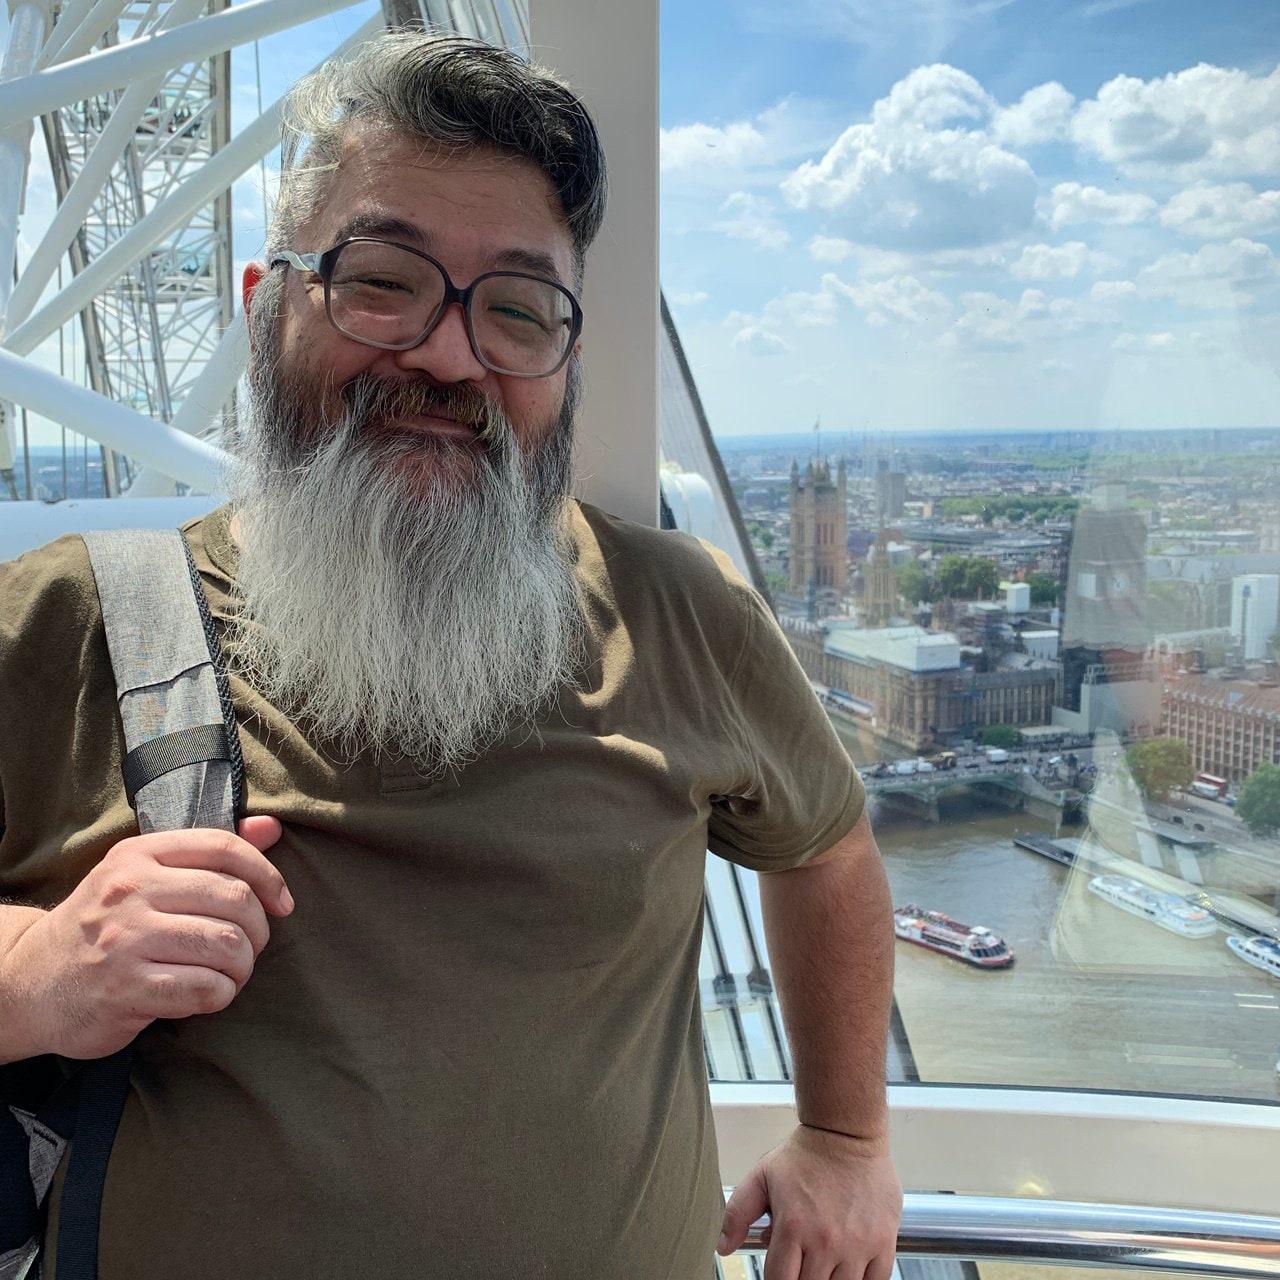 『弟の夫』漫画家・田亀源五郎「イギリス上陸と同性愛を語る!」大英博物館に展示された複製原画が手に入る!?の画像008